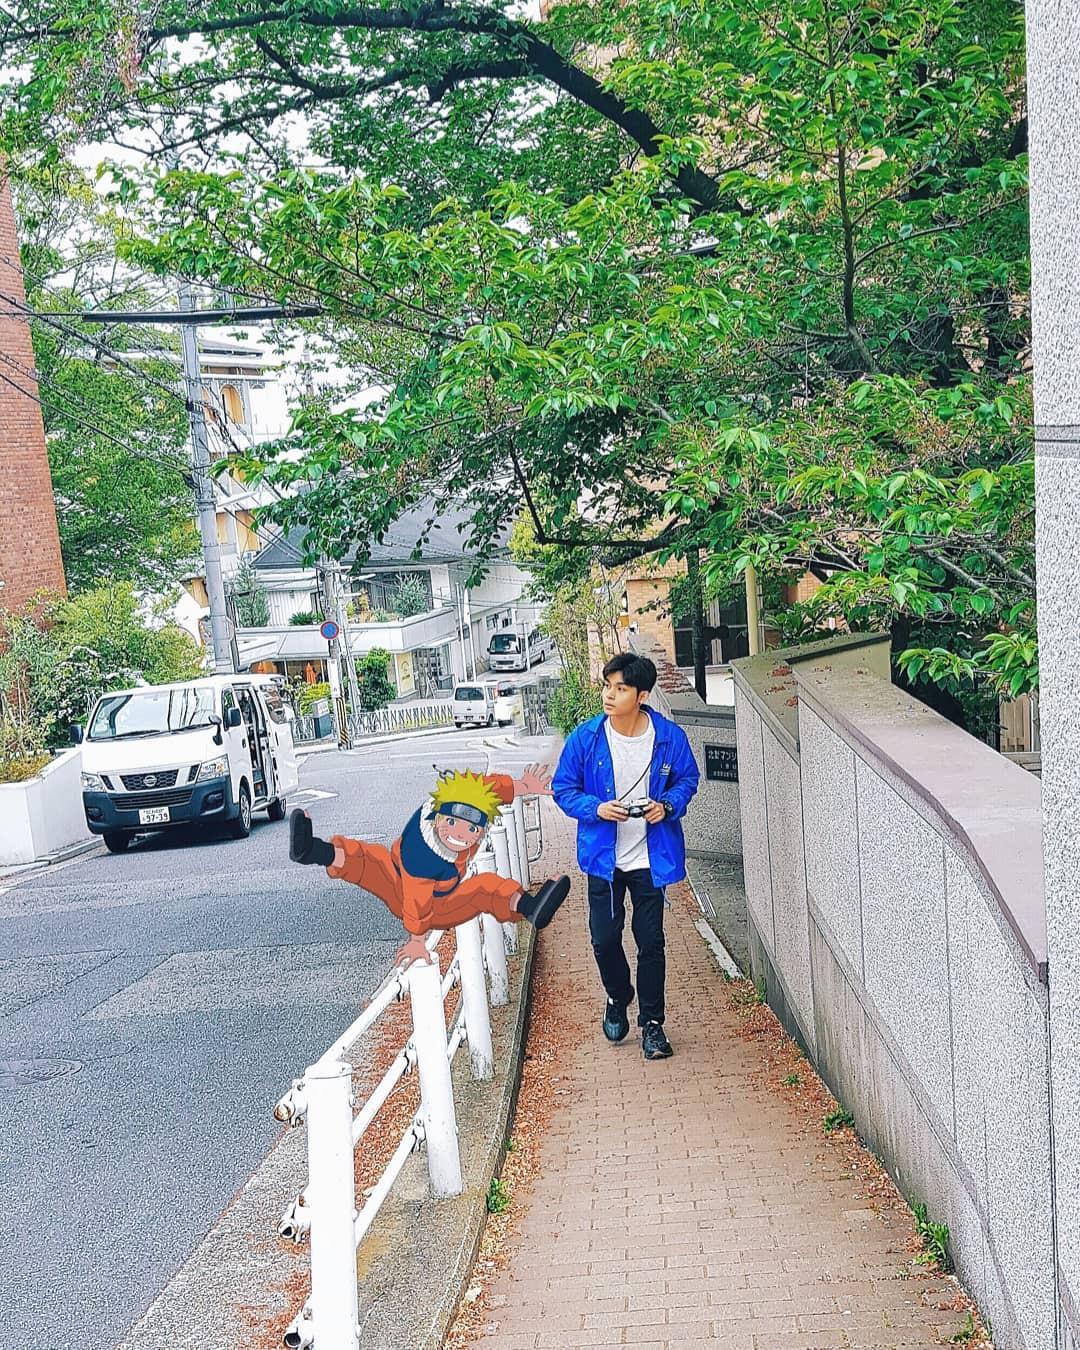 Quay về tuổi thơ với loạt ảnh check-in đúng chuẩn thế giới truyện tranh của Jun Phạm tại Nhật Bản - Ảnh 8.